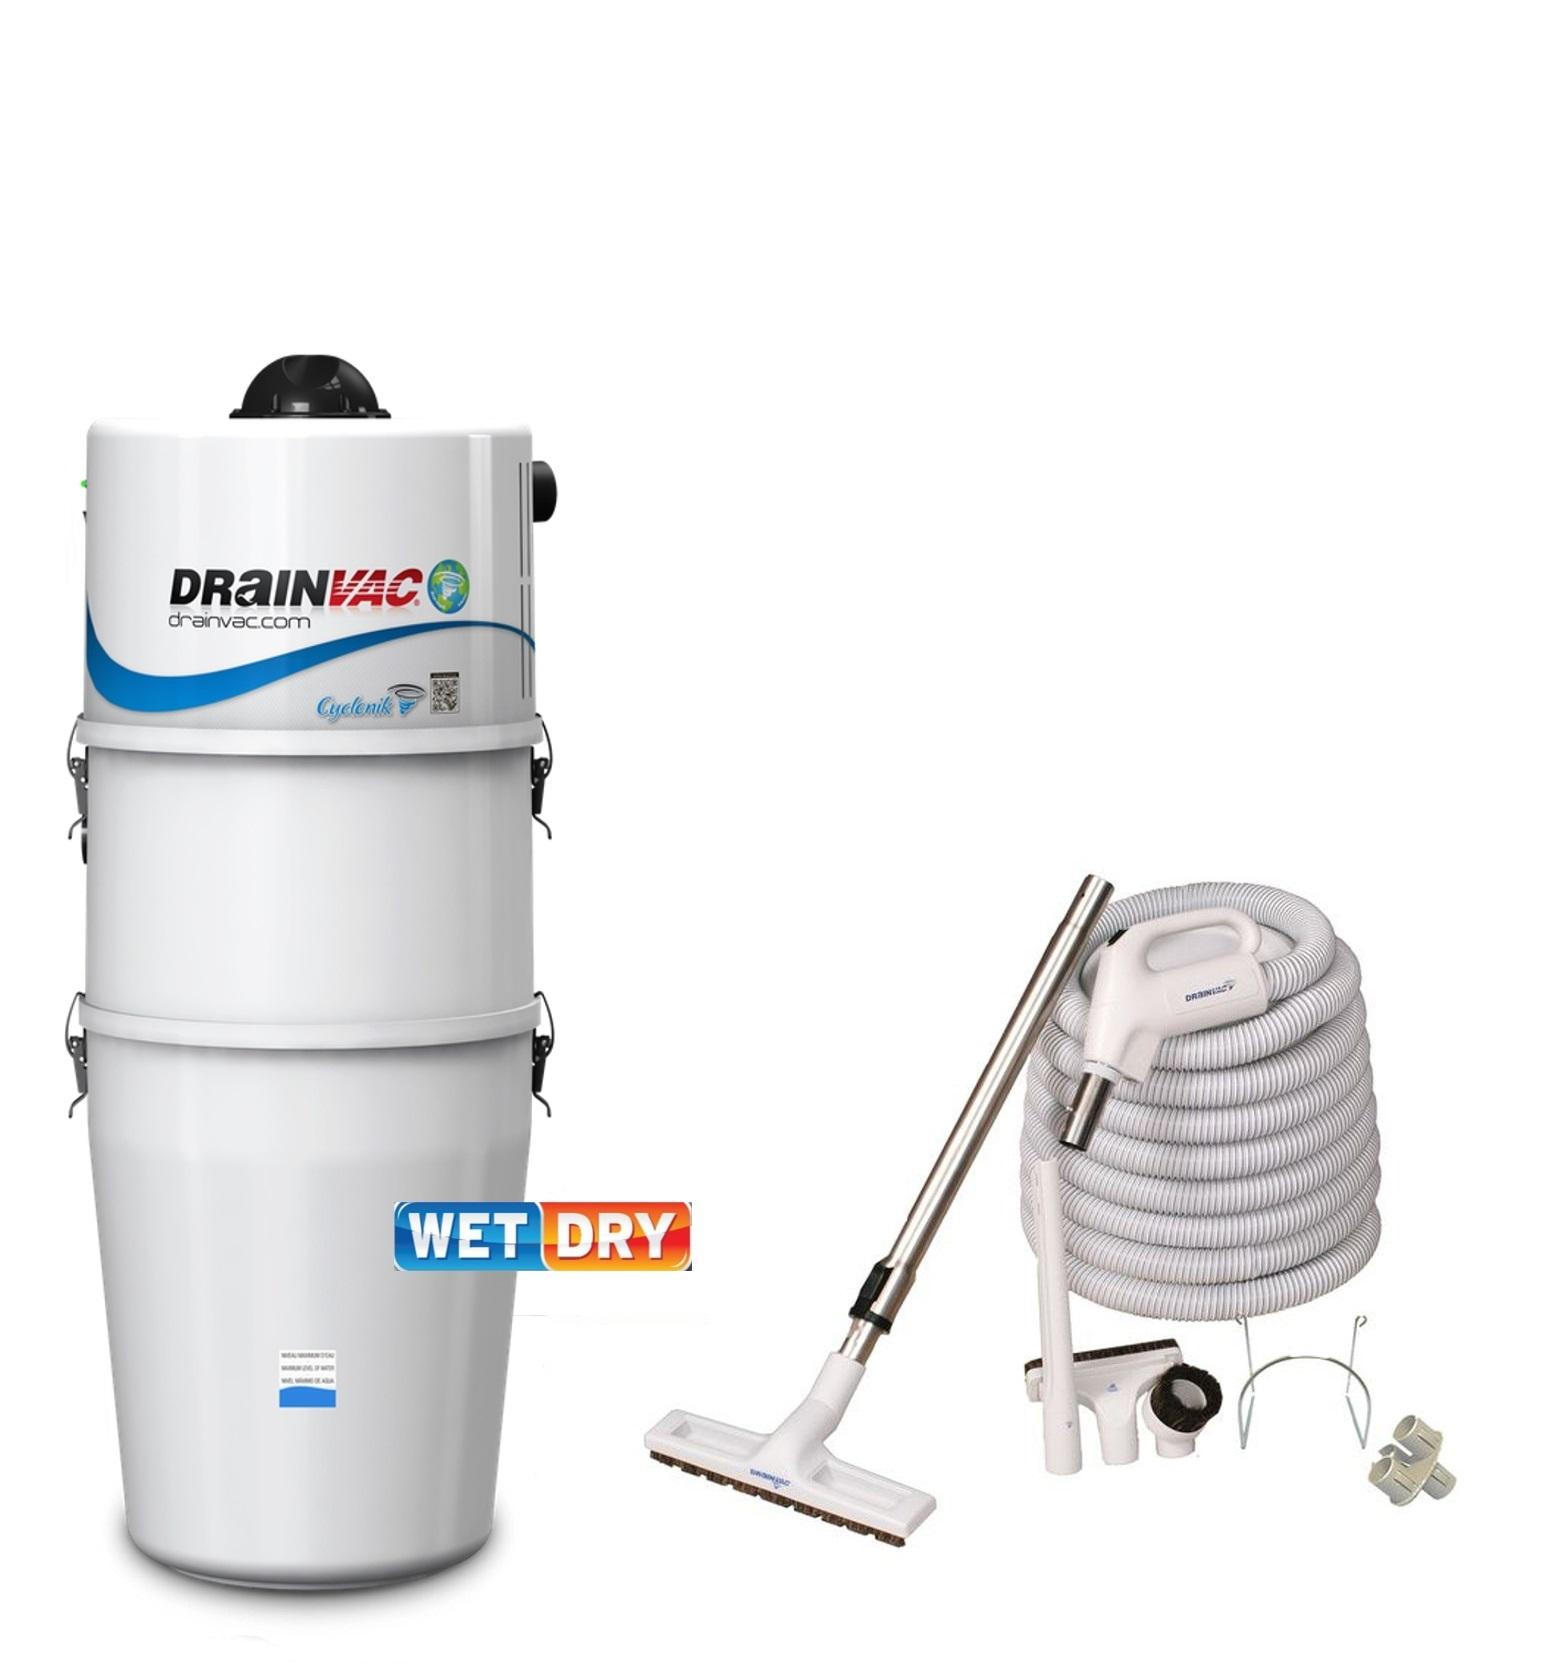 Центральные пылесосы DRAINVAC DF1R11 DRY / WET